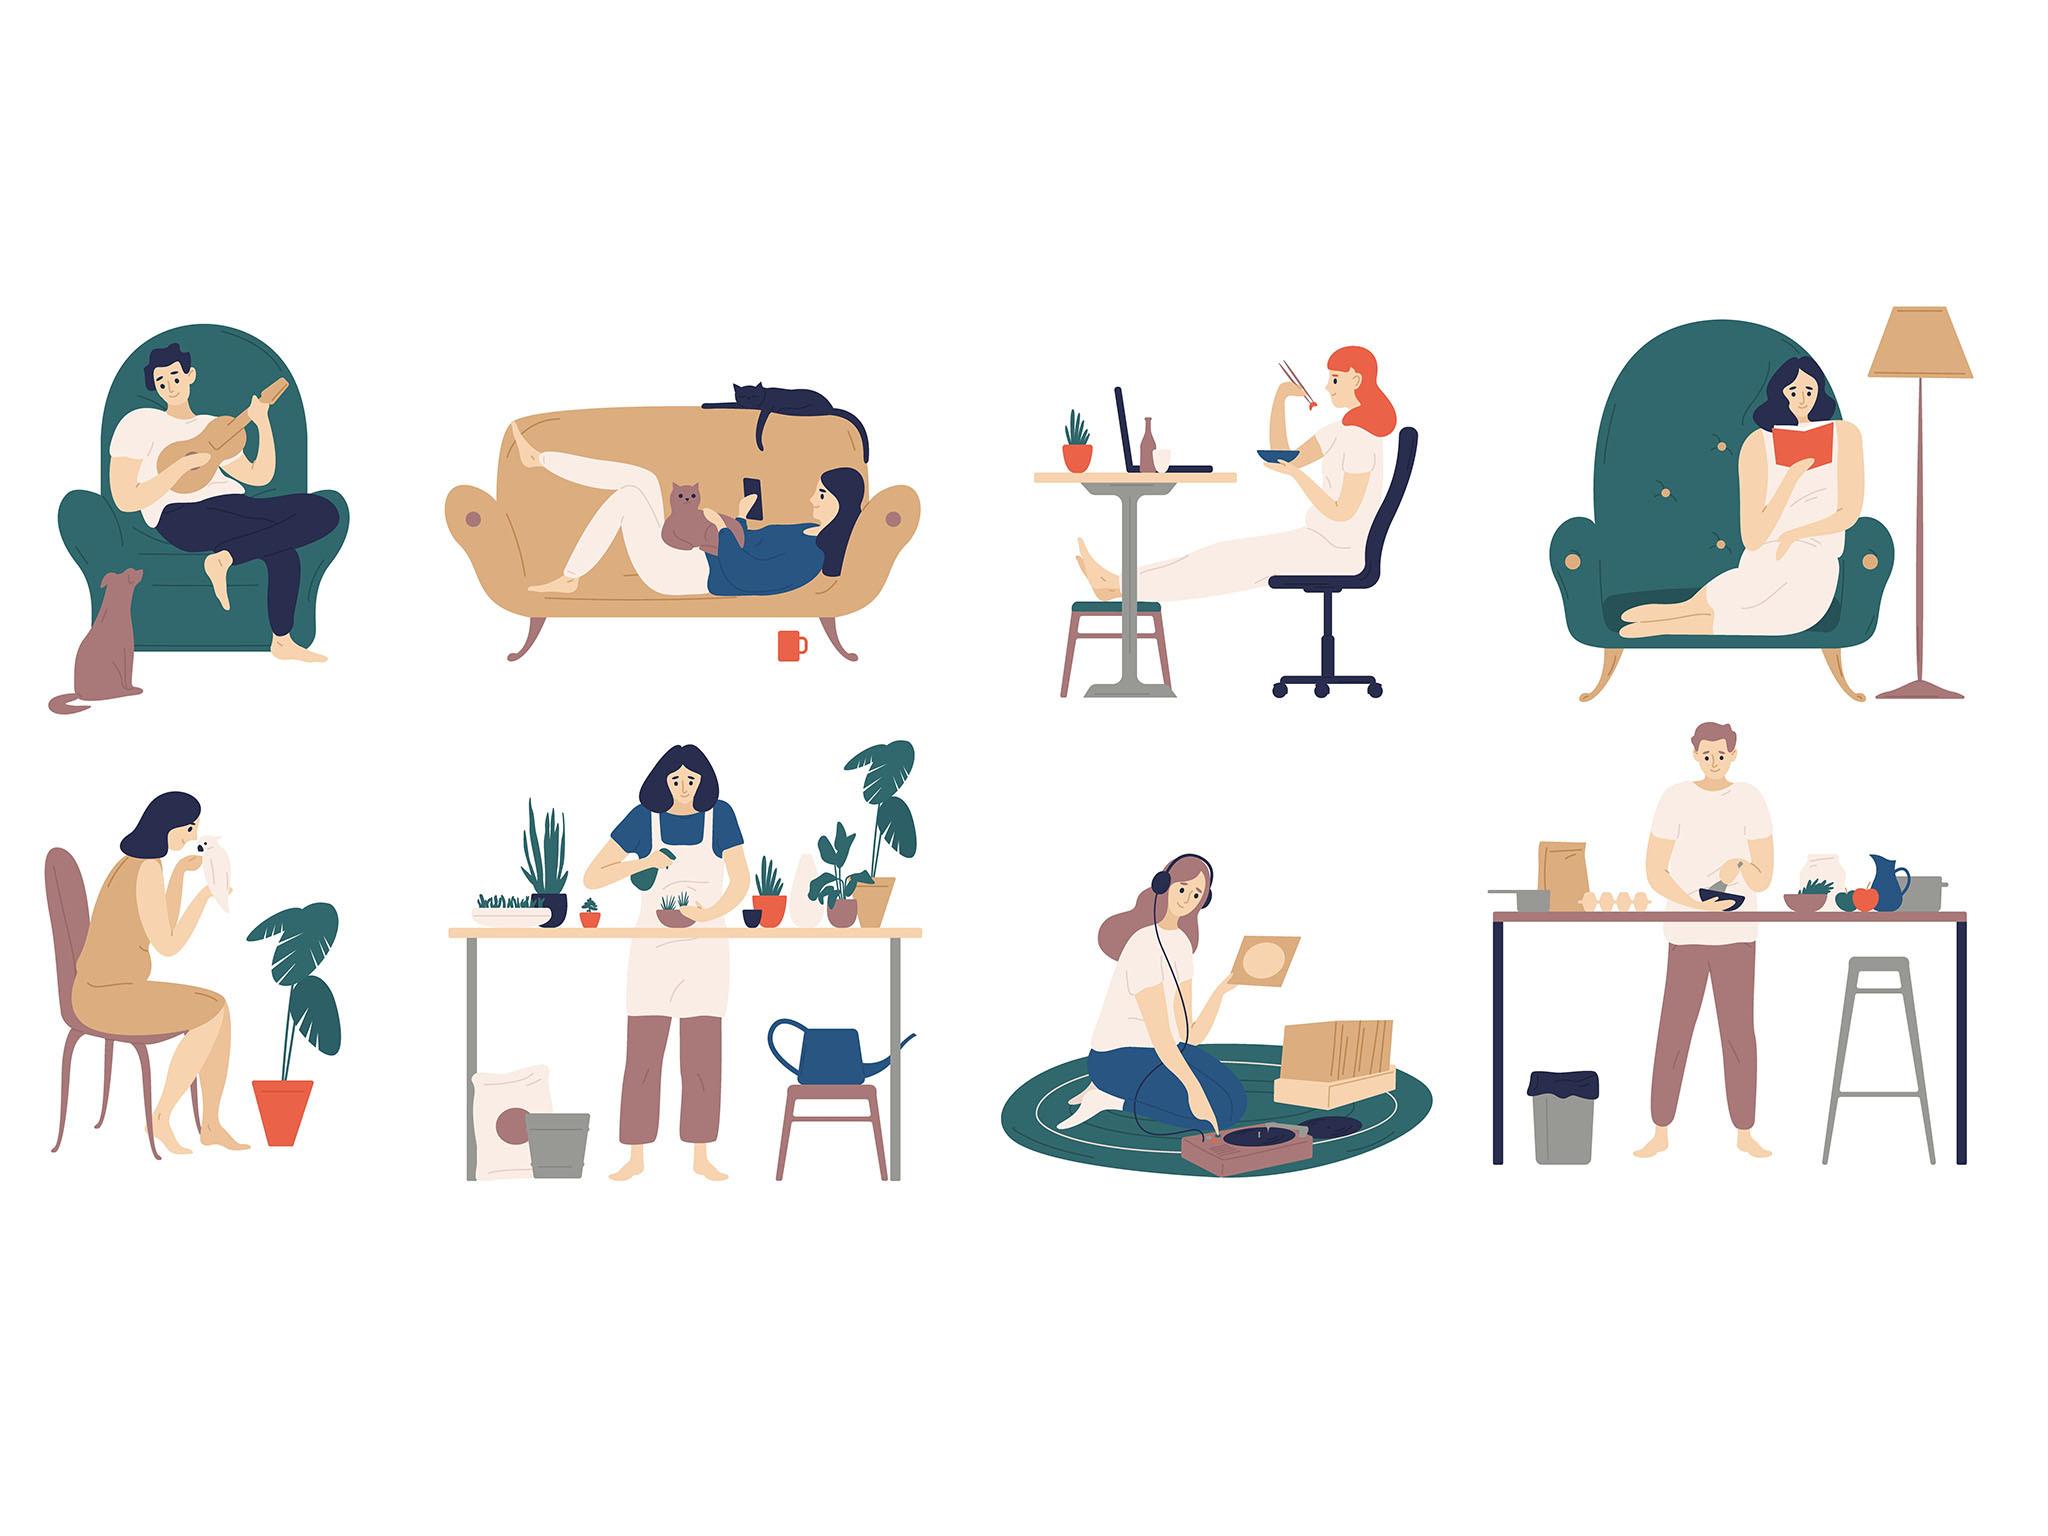 50 idees per fer a casa